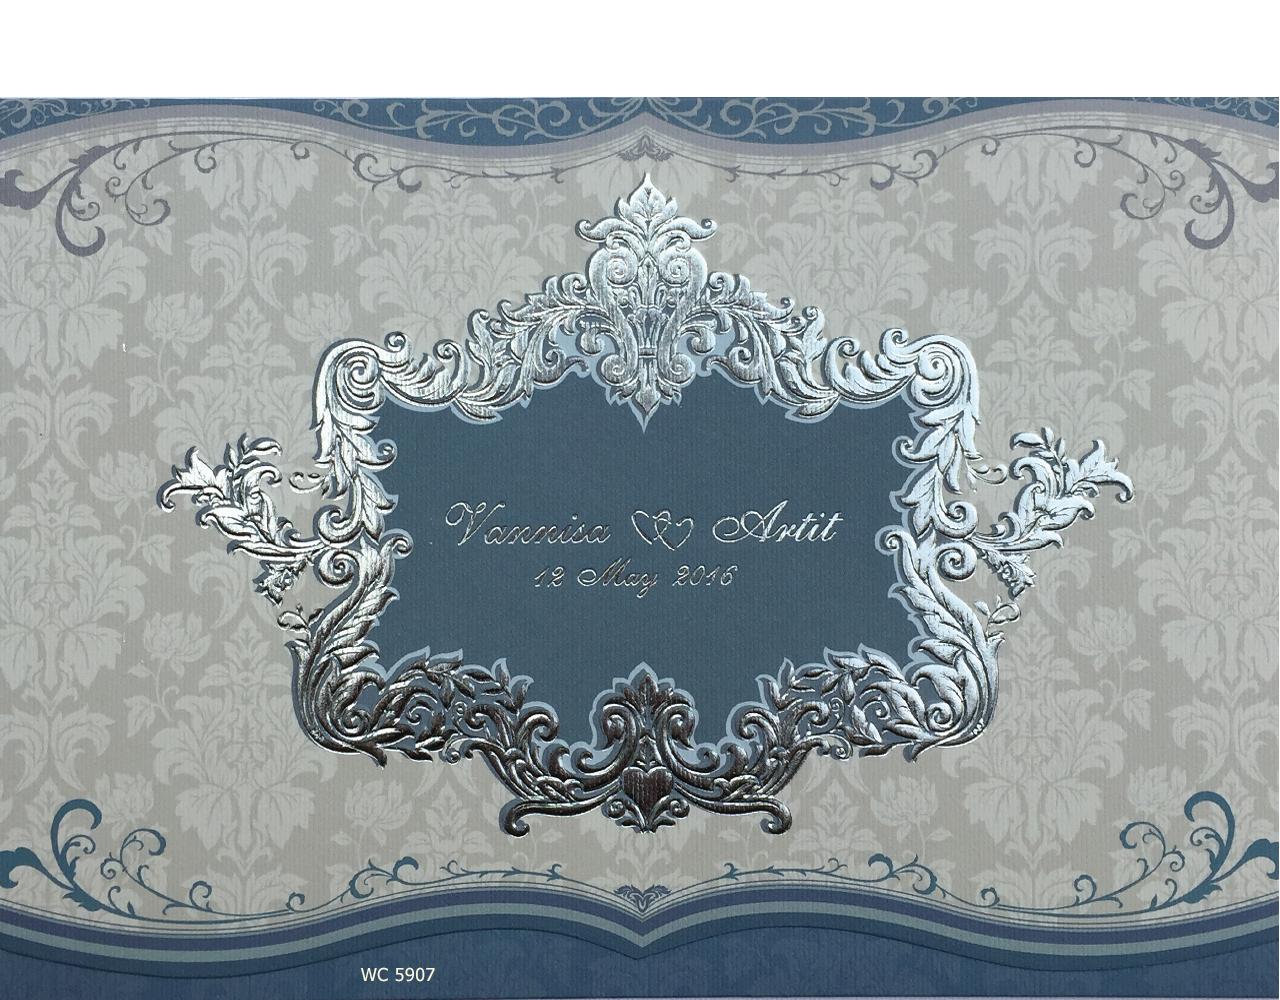 การ์ดแต่งงาน การ์ดเชิญ สีฟ้า 3 พับ ลวดลายเรียบๆ ปั๊มนูน พิมพ์เคเงิน wedding card 7x5 inch WC 5907